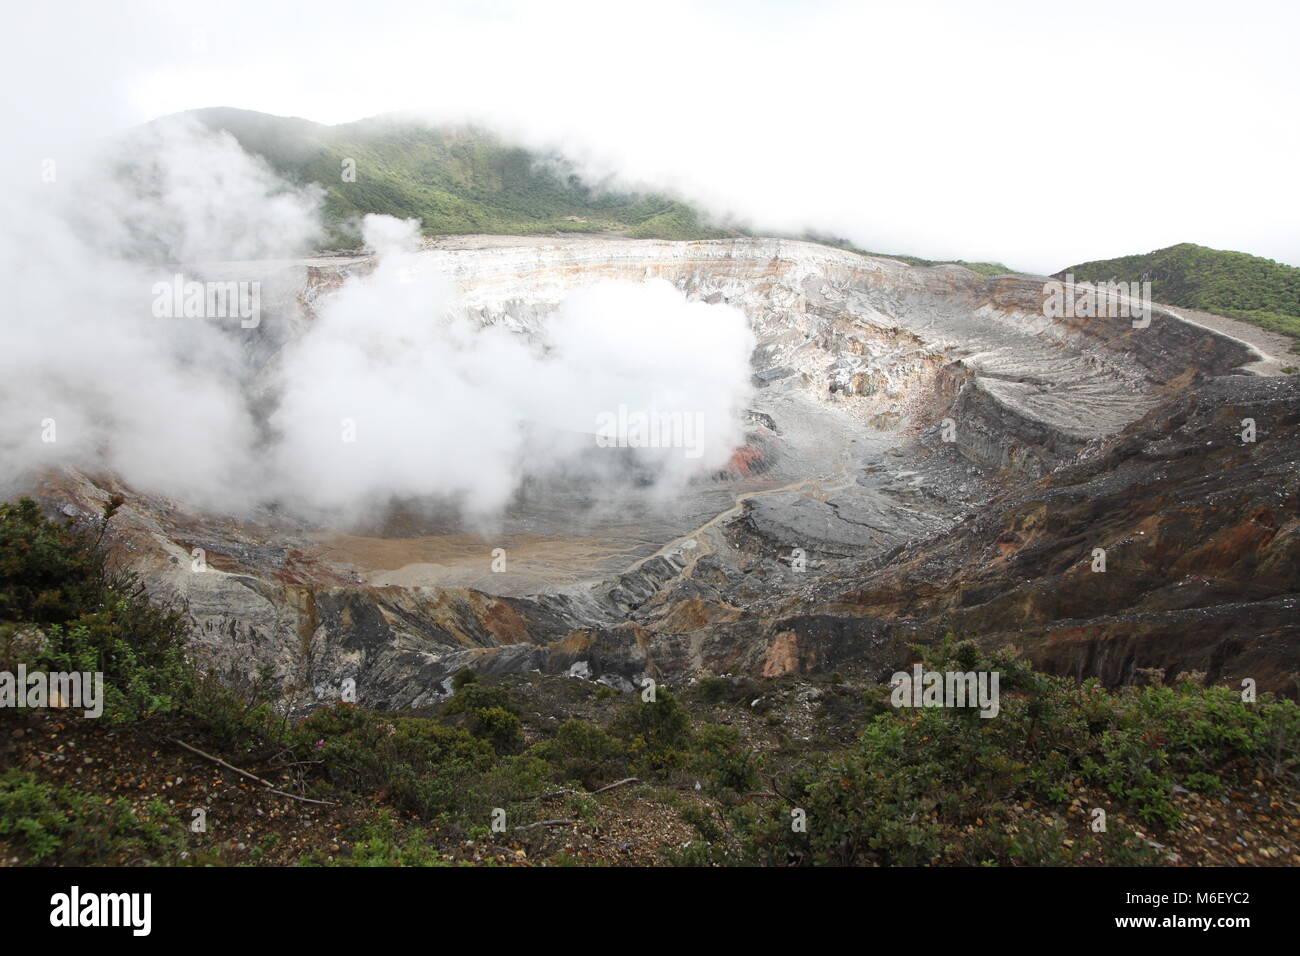 smoking vulcano in costa rica - Stock Image